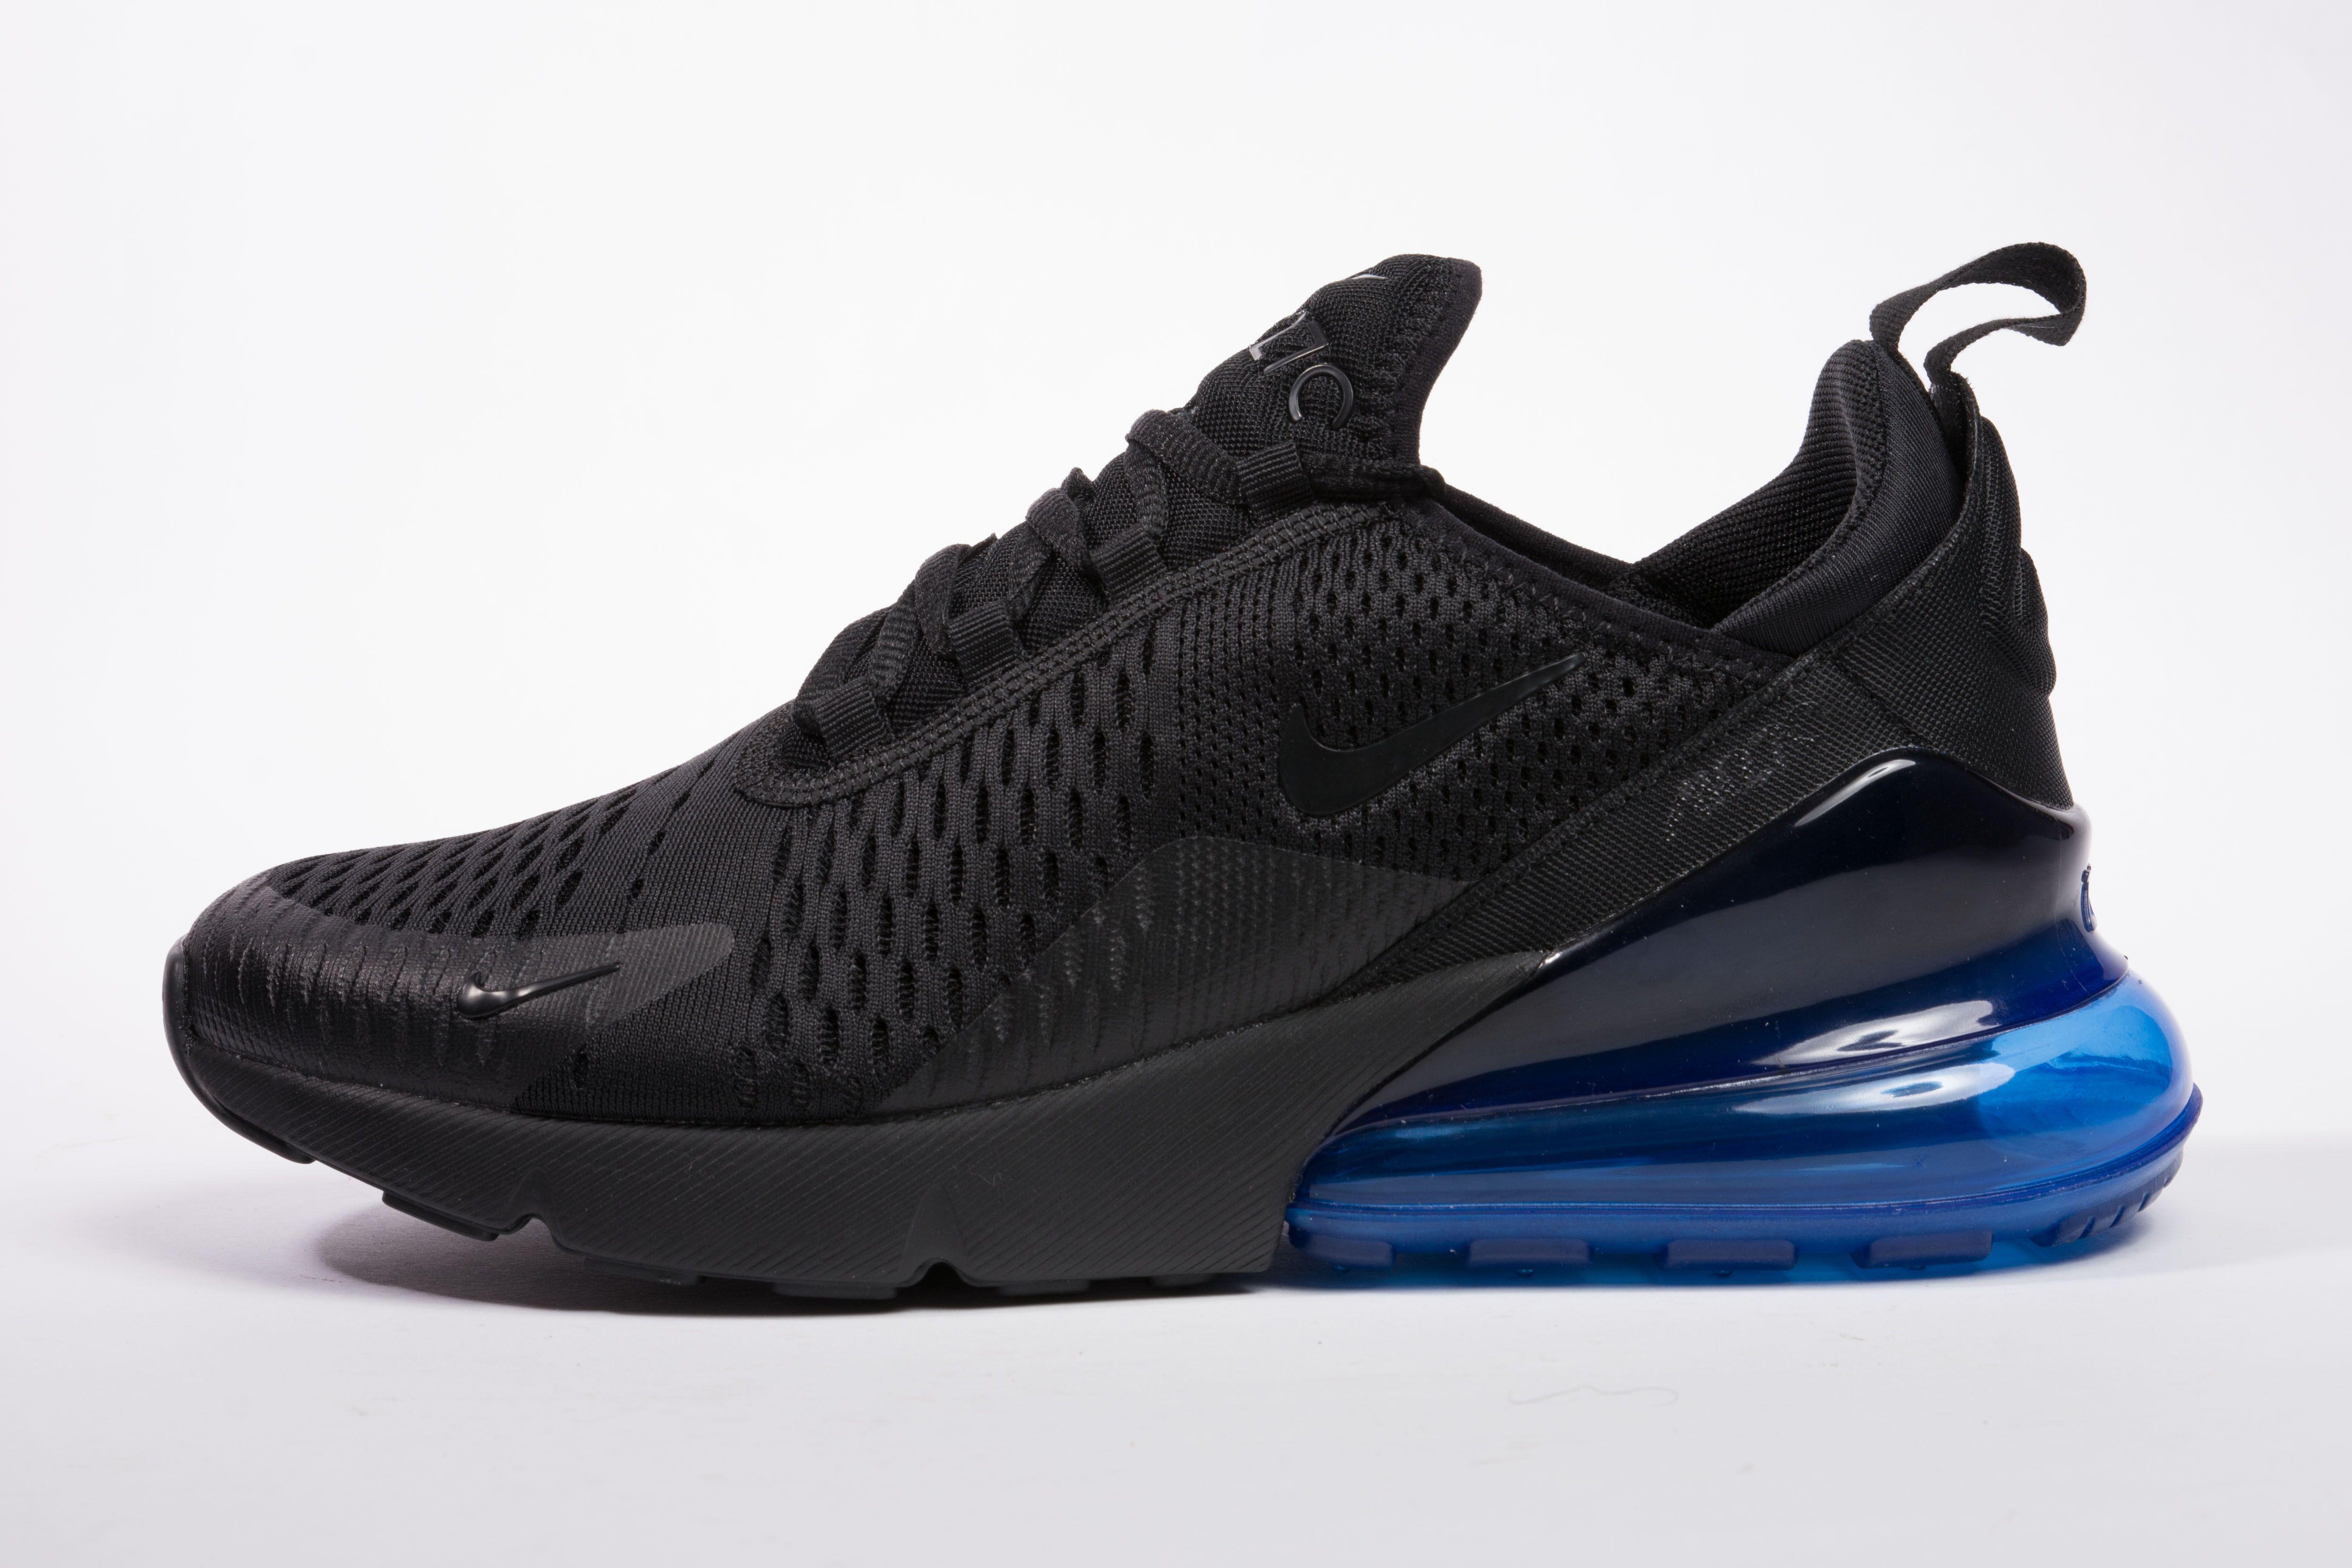 Nike Air Max 270 AH8050 009 black blue22   Nike Air Max 270